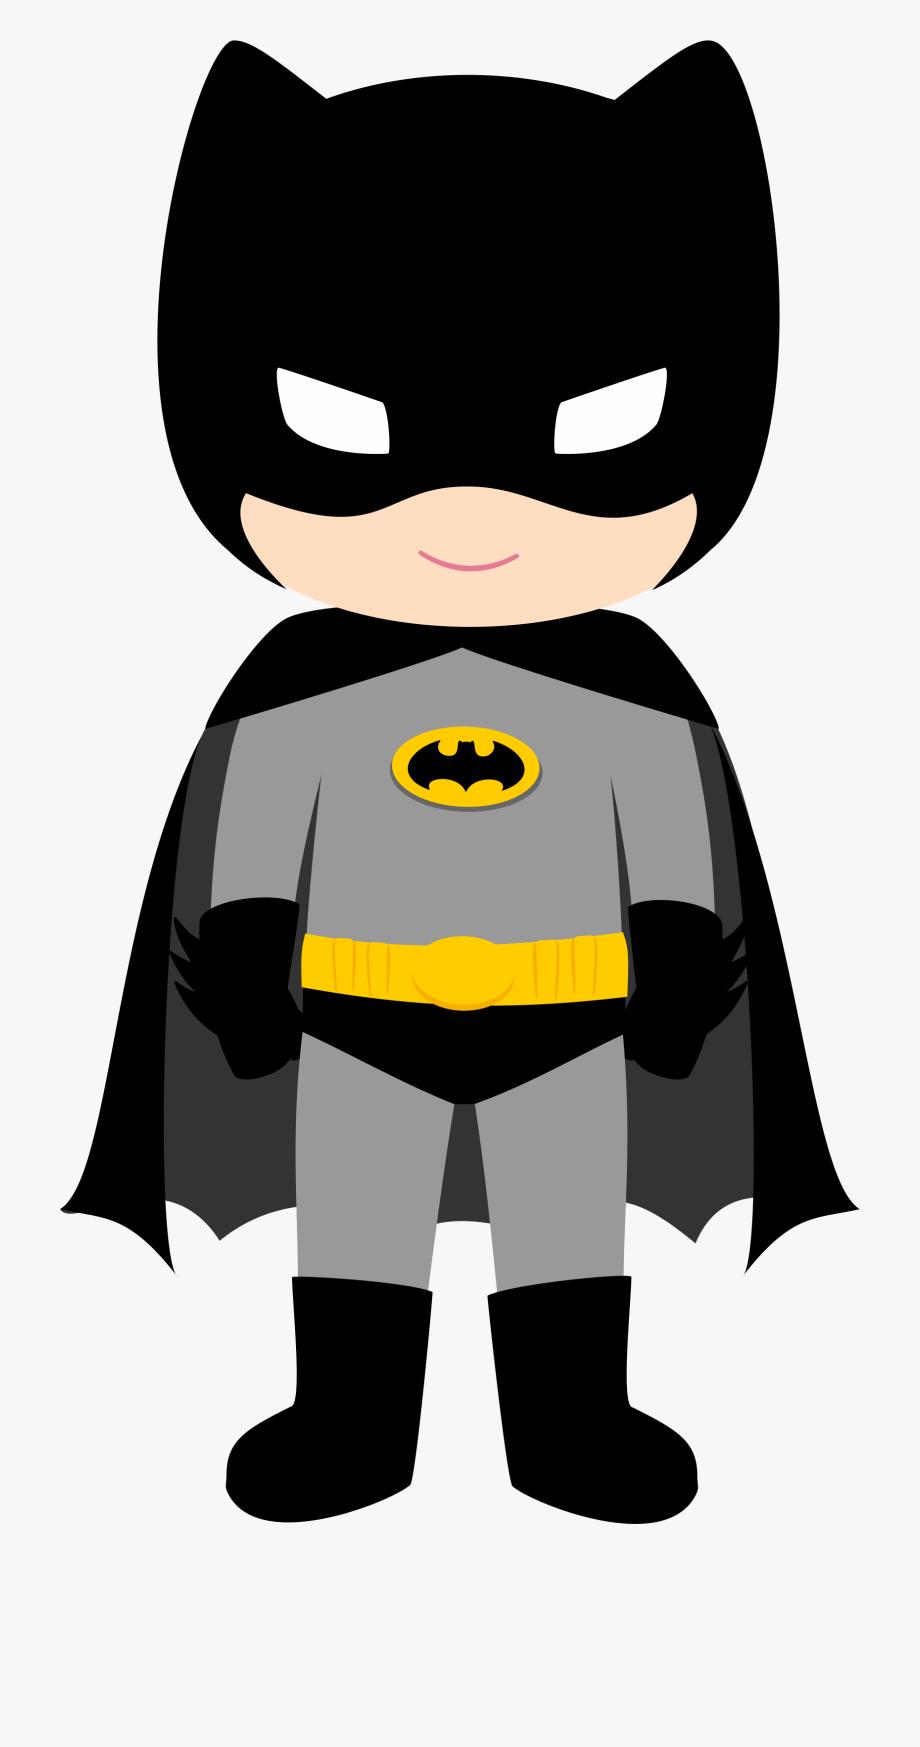 Simple clipart of batman flying vector transparent download Batman Clipart Png #67484 - Free Cliparts on ClipartWiki vector transparent download